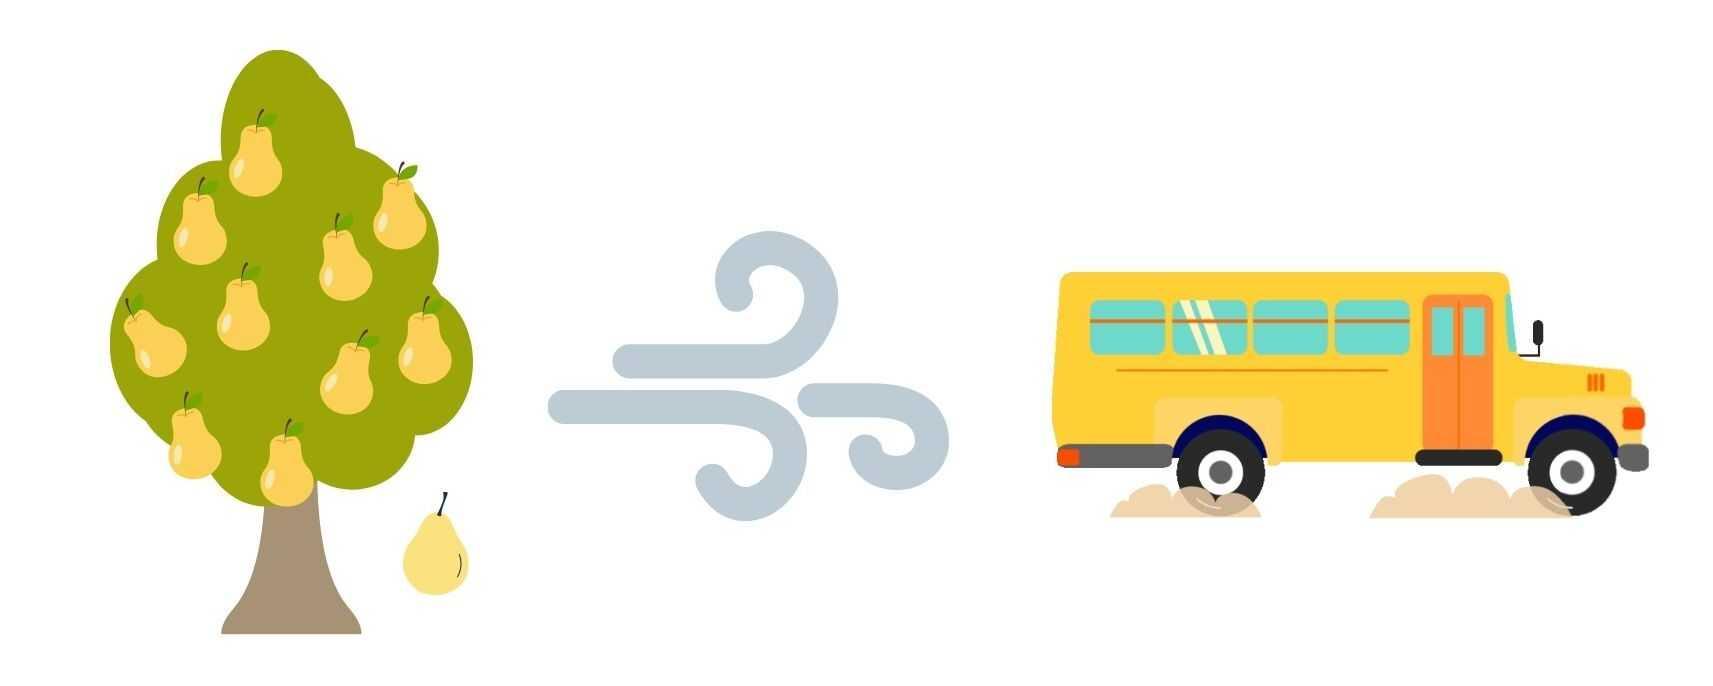 daldan düşen armut hızlı rüzgar hızlı otobüs